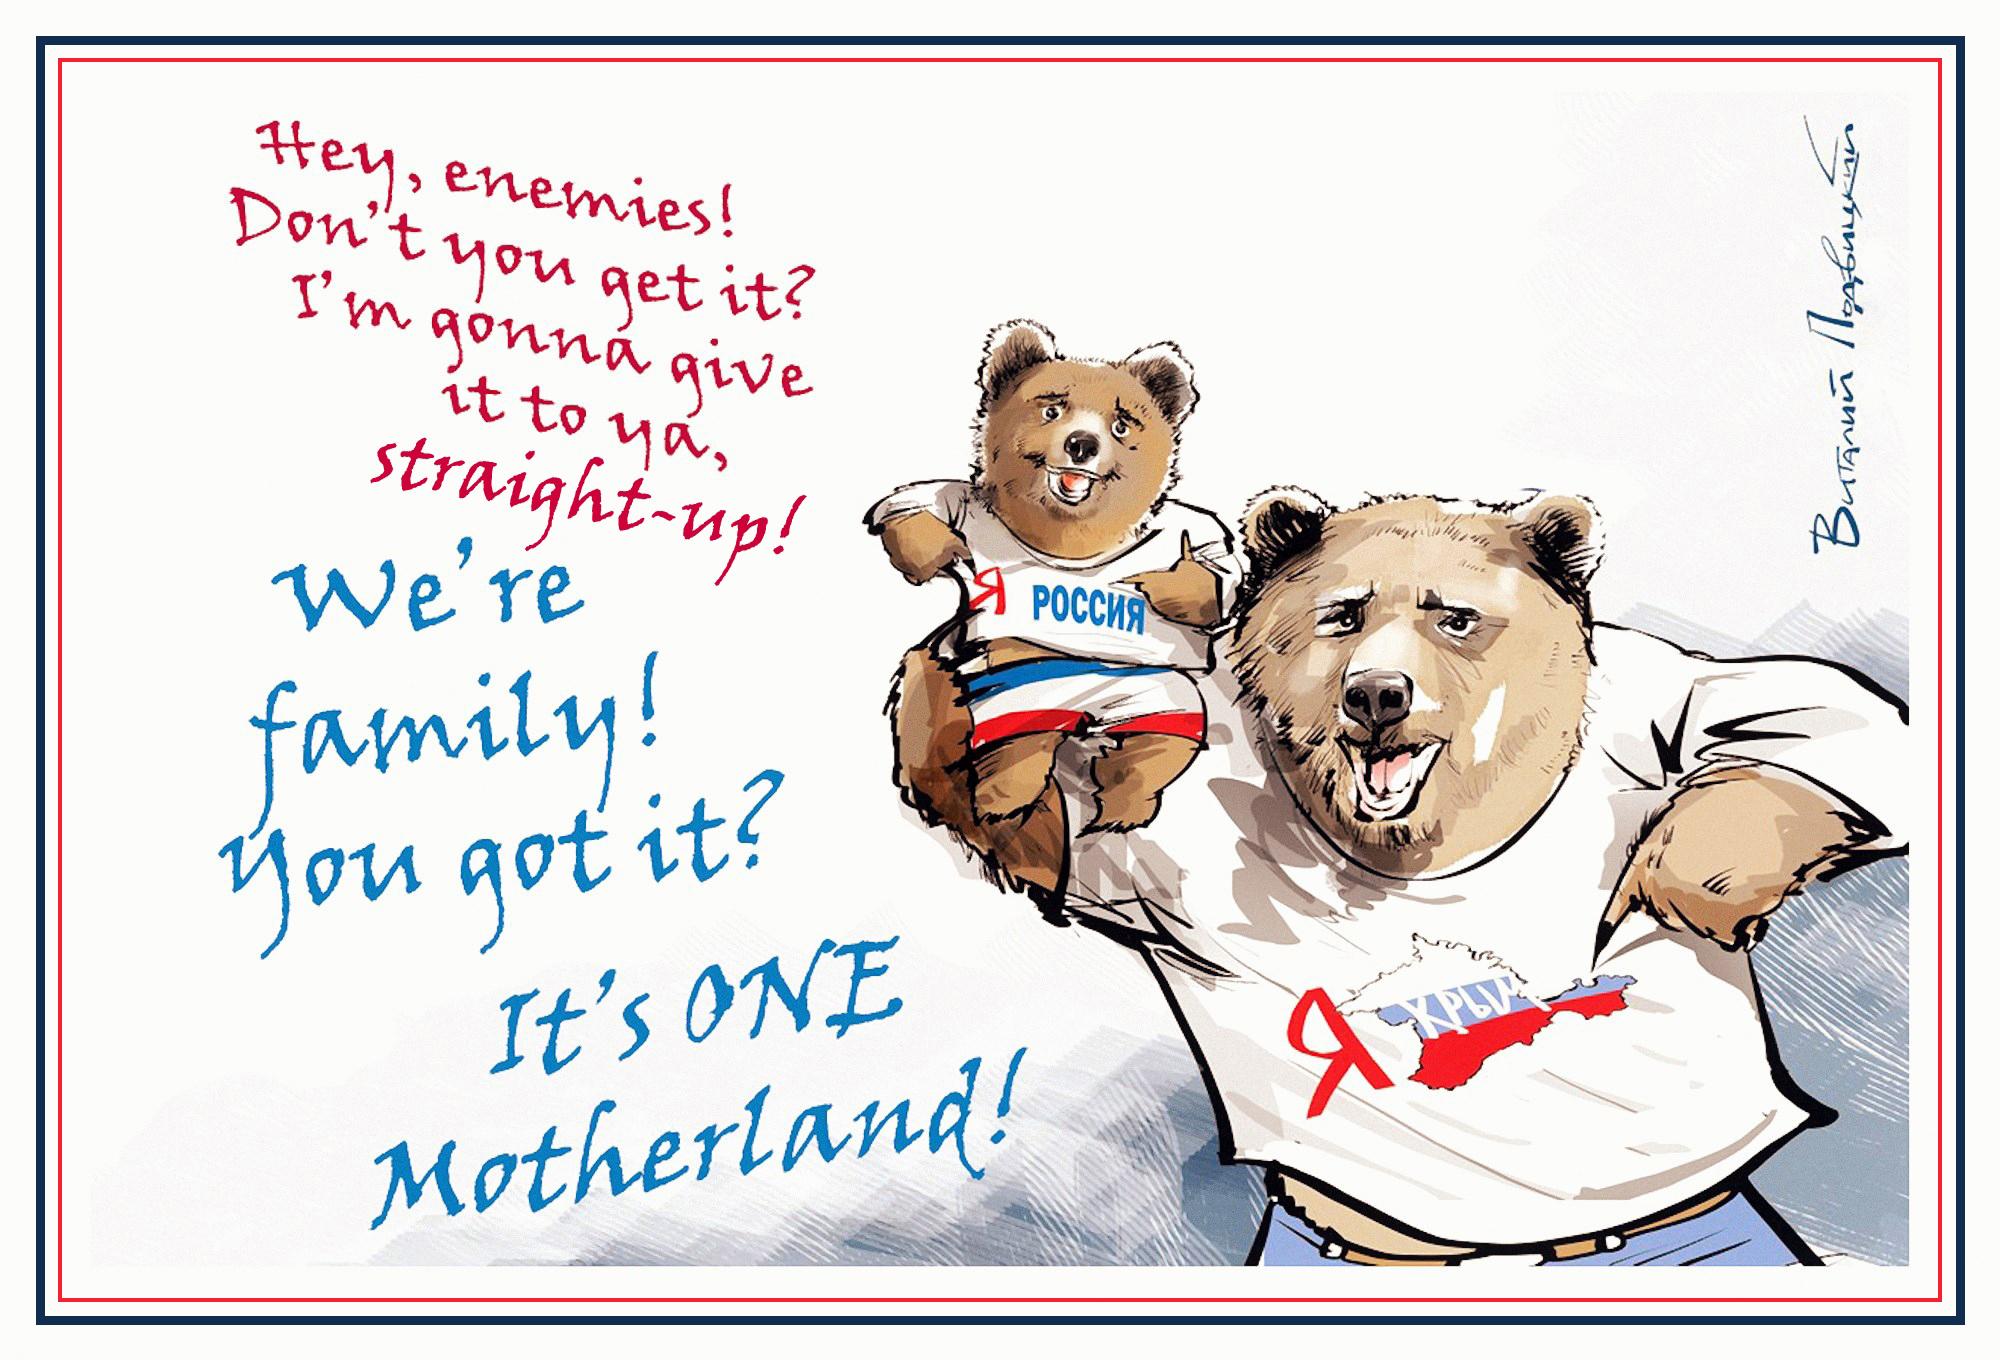 00 Vitaly Podvitsky. It's Our MOTHERLAND! 2014